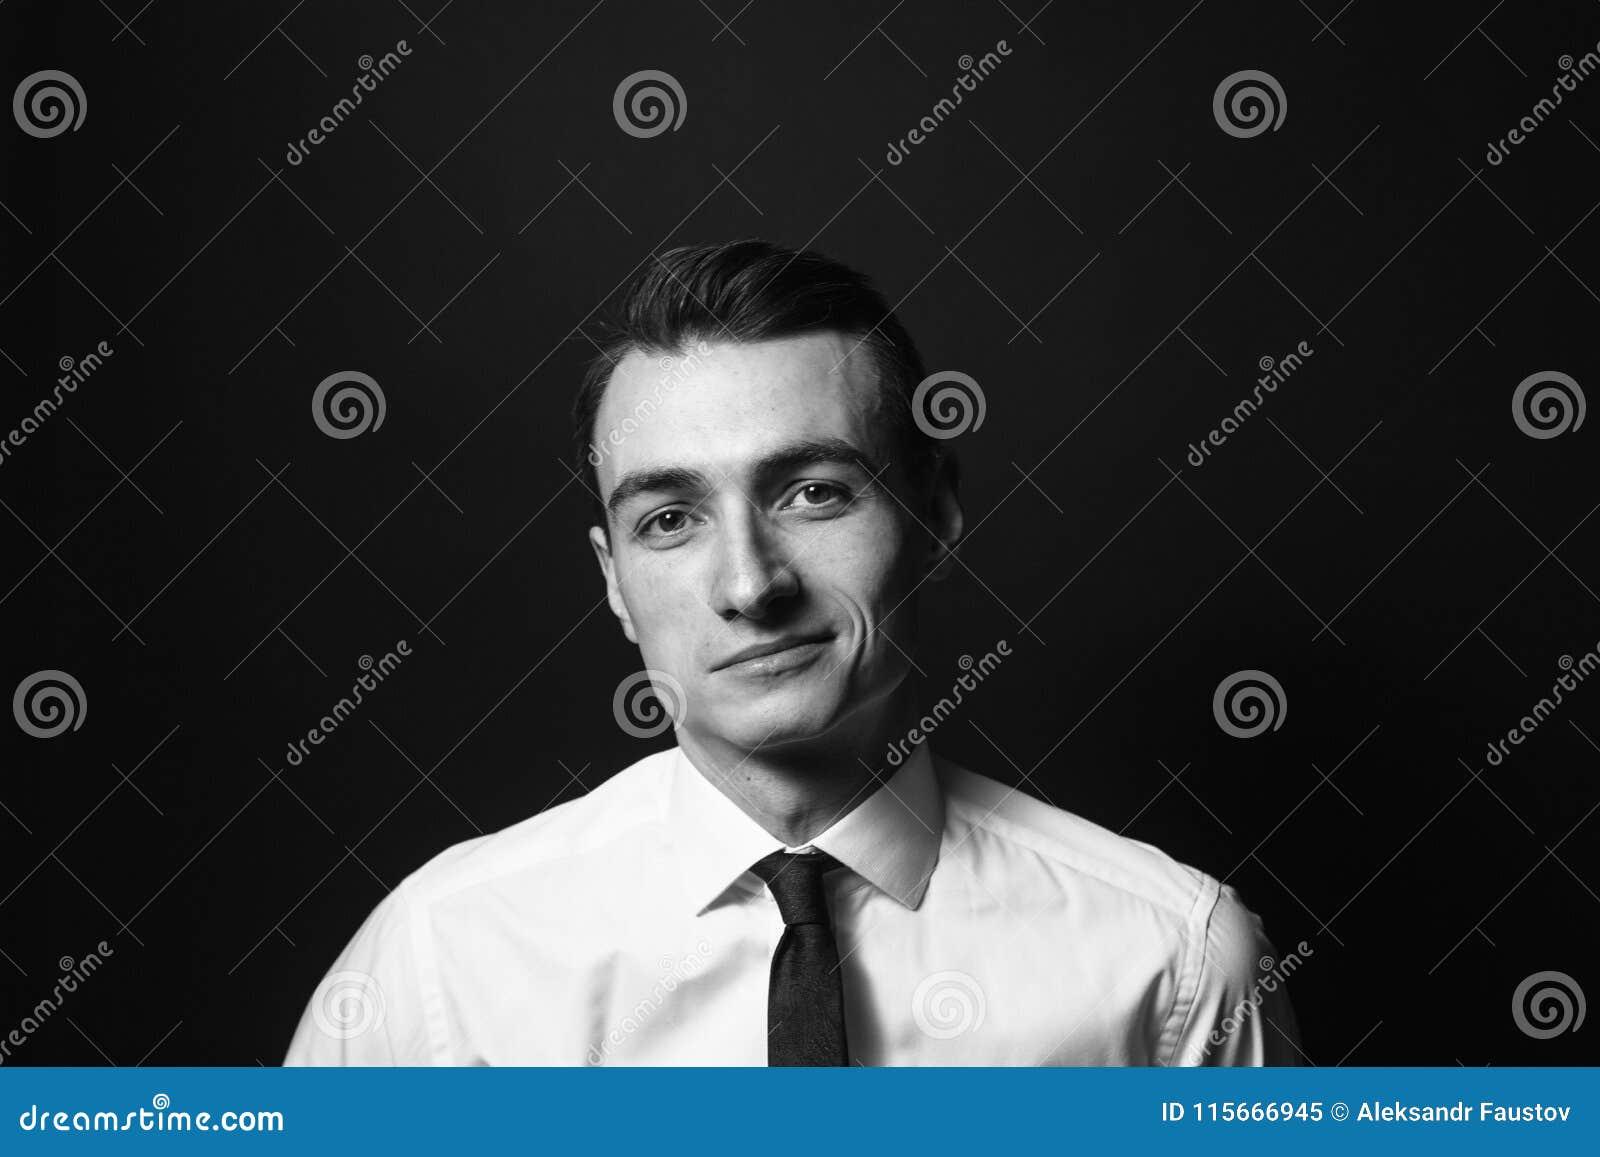 Πορτρέτο ενός νεαρού άνδρα σε ένα άσπρο πουκάμισο και έναν μαύρο δεσμό